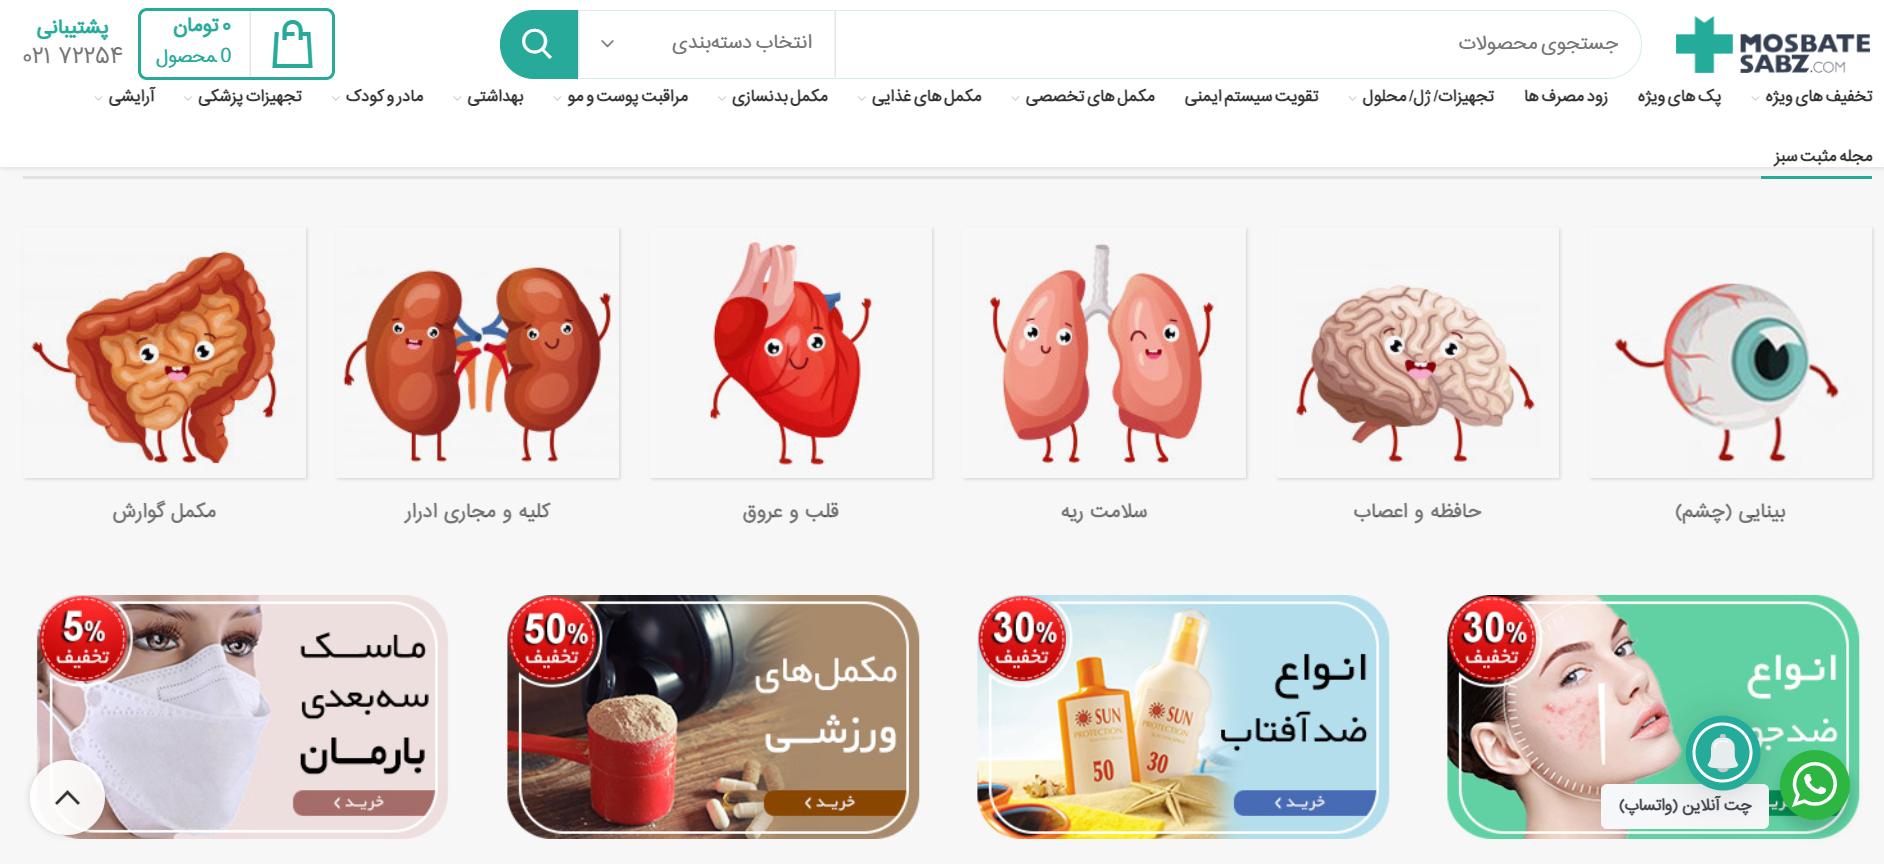 بهترین سایت های داروخانه آنلاین _ مثبت سبز